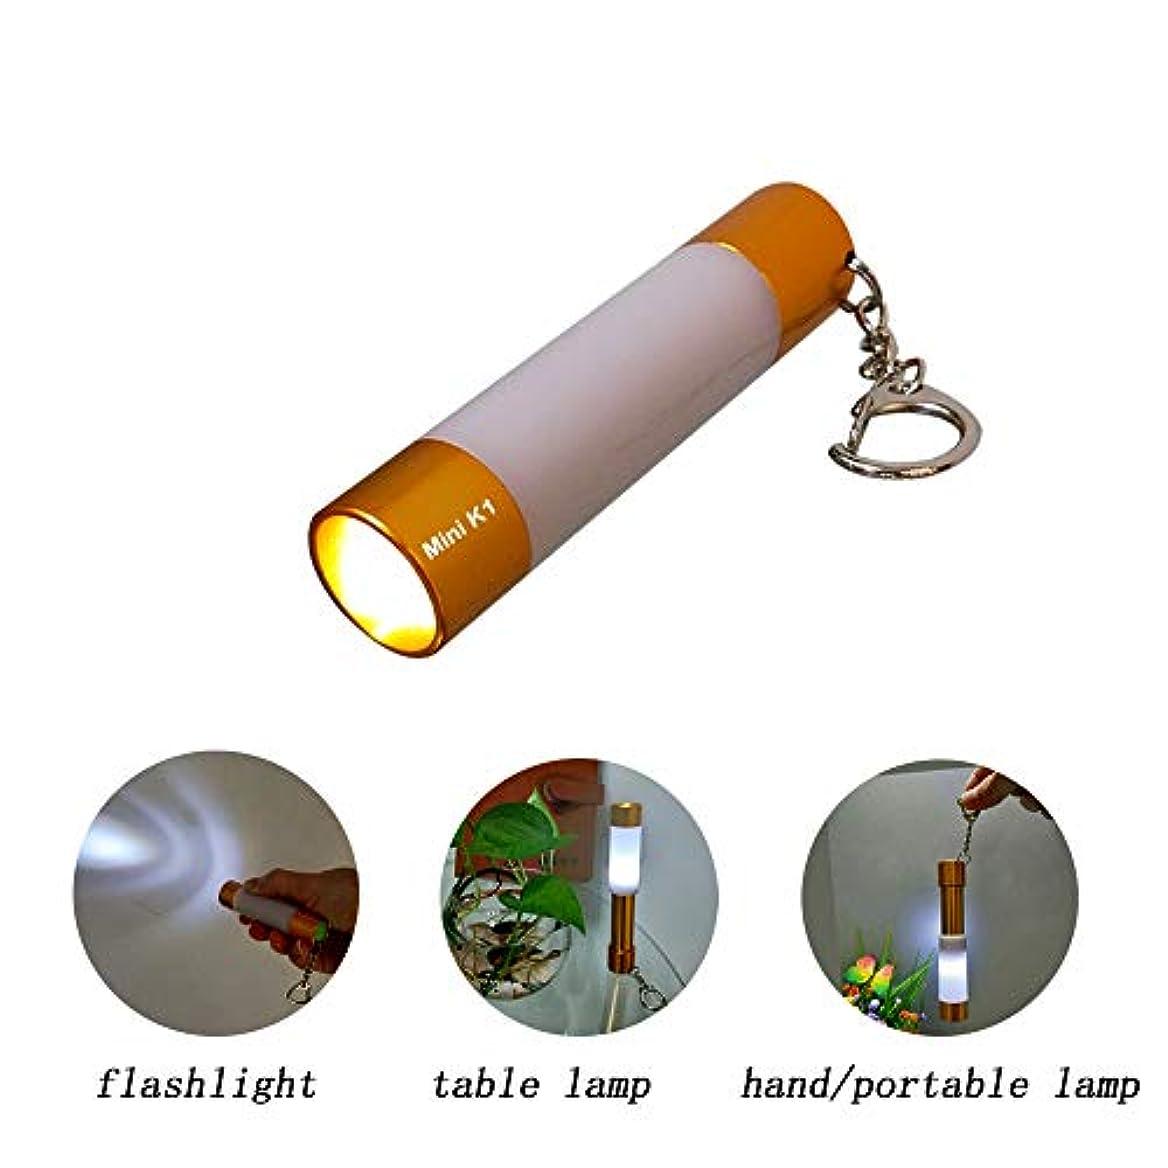 改革ゴシップダースミニフォーカス 懐中電灯 キャンプ ランプ テーブルランプ 小型 明るい防水 単3電池使用 EDC 犬の散歩 読書 睡眠 キャンプ ハイキング 緊急時に最適